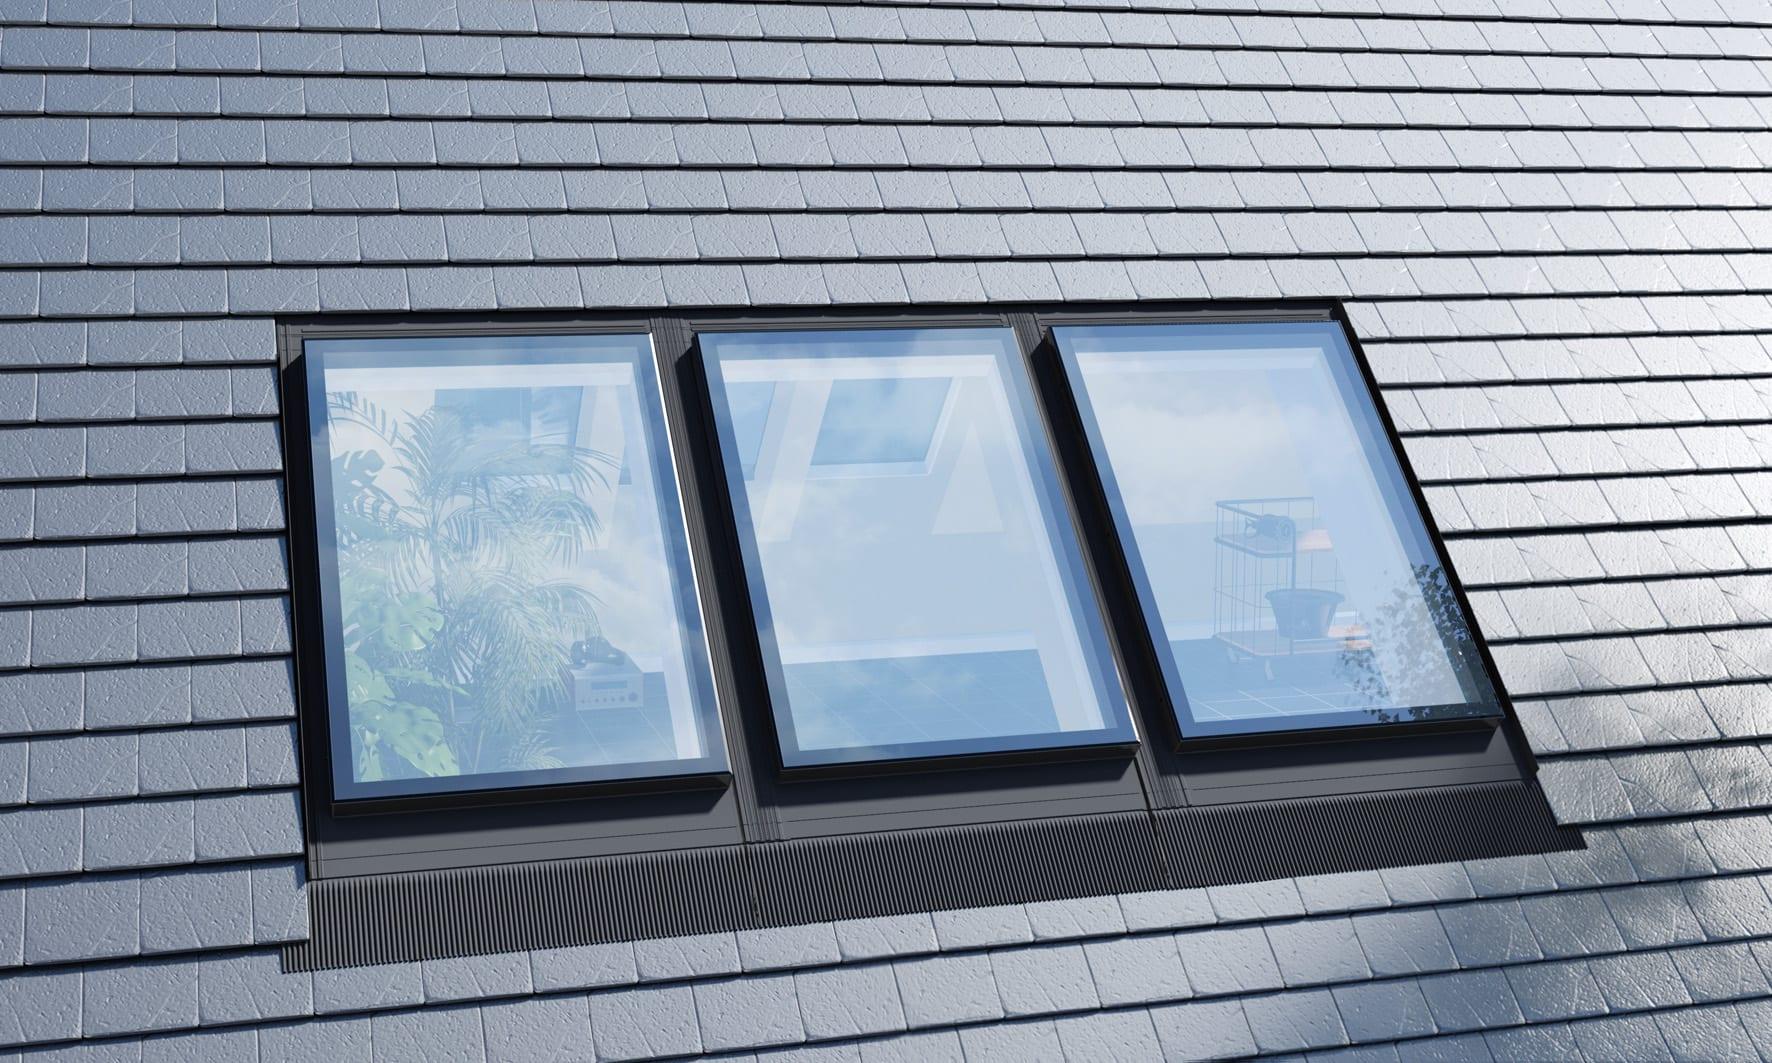 zespolenie okien w poziomie IGX